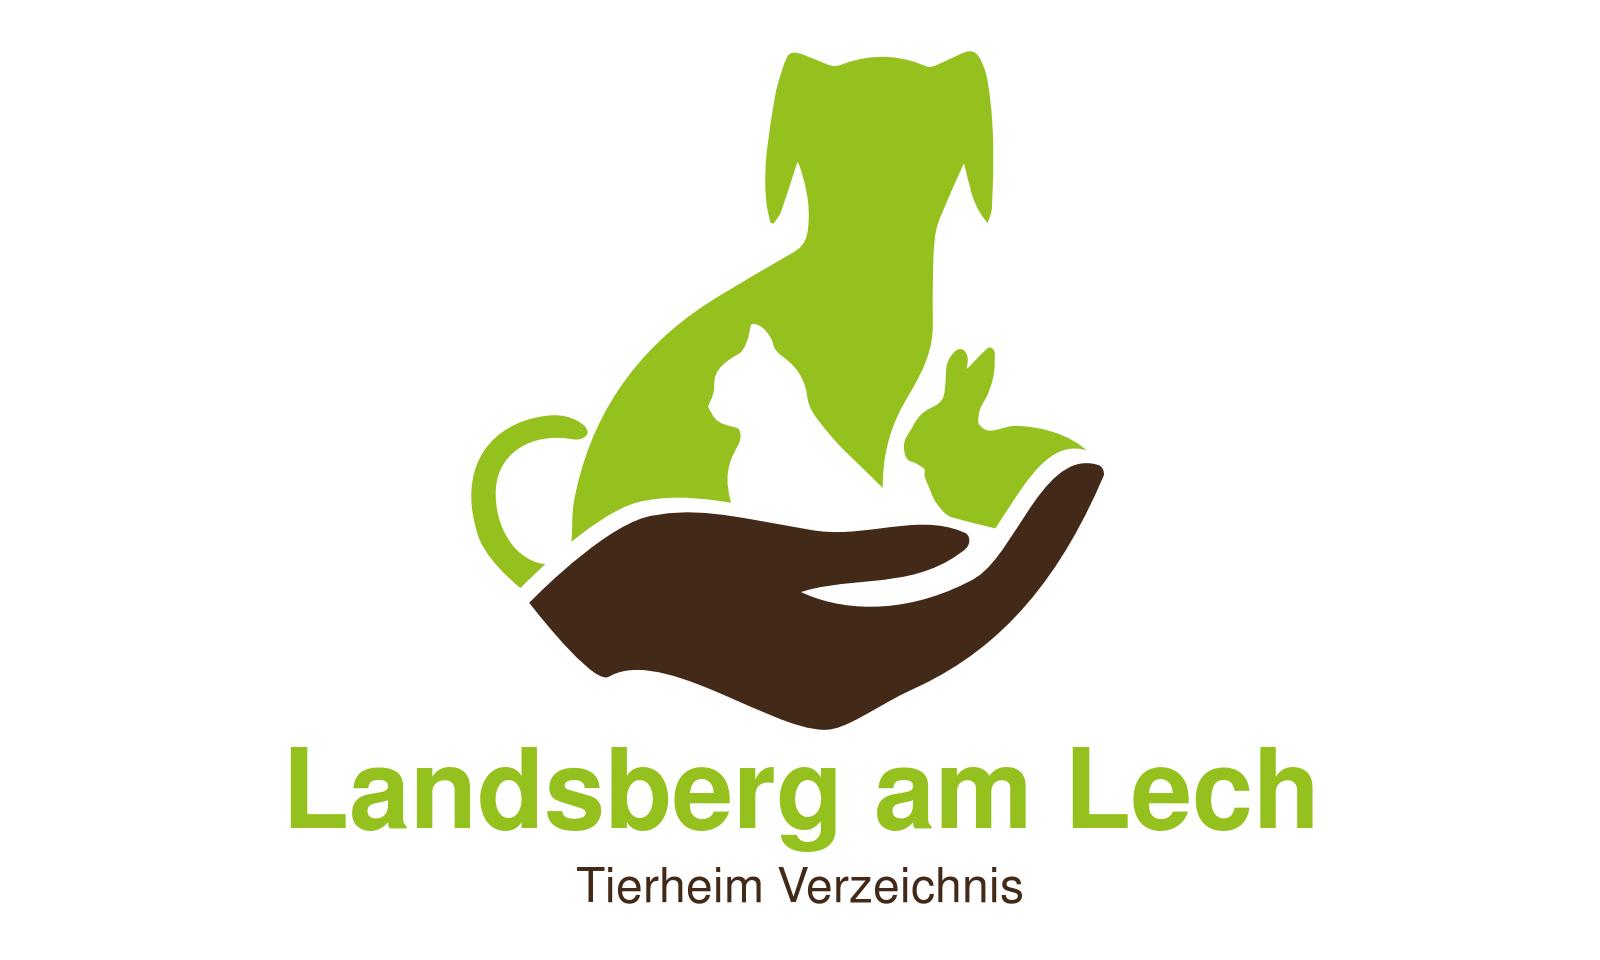 Tierheim Landsberg am Lech